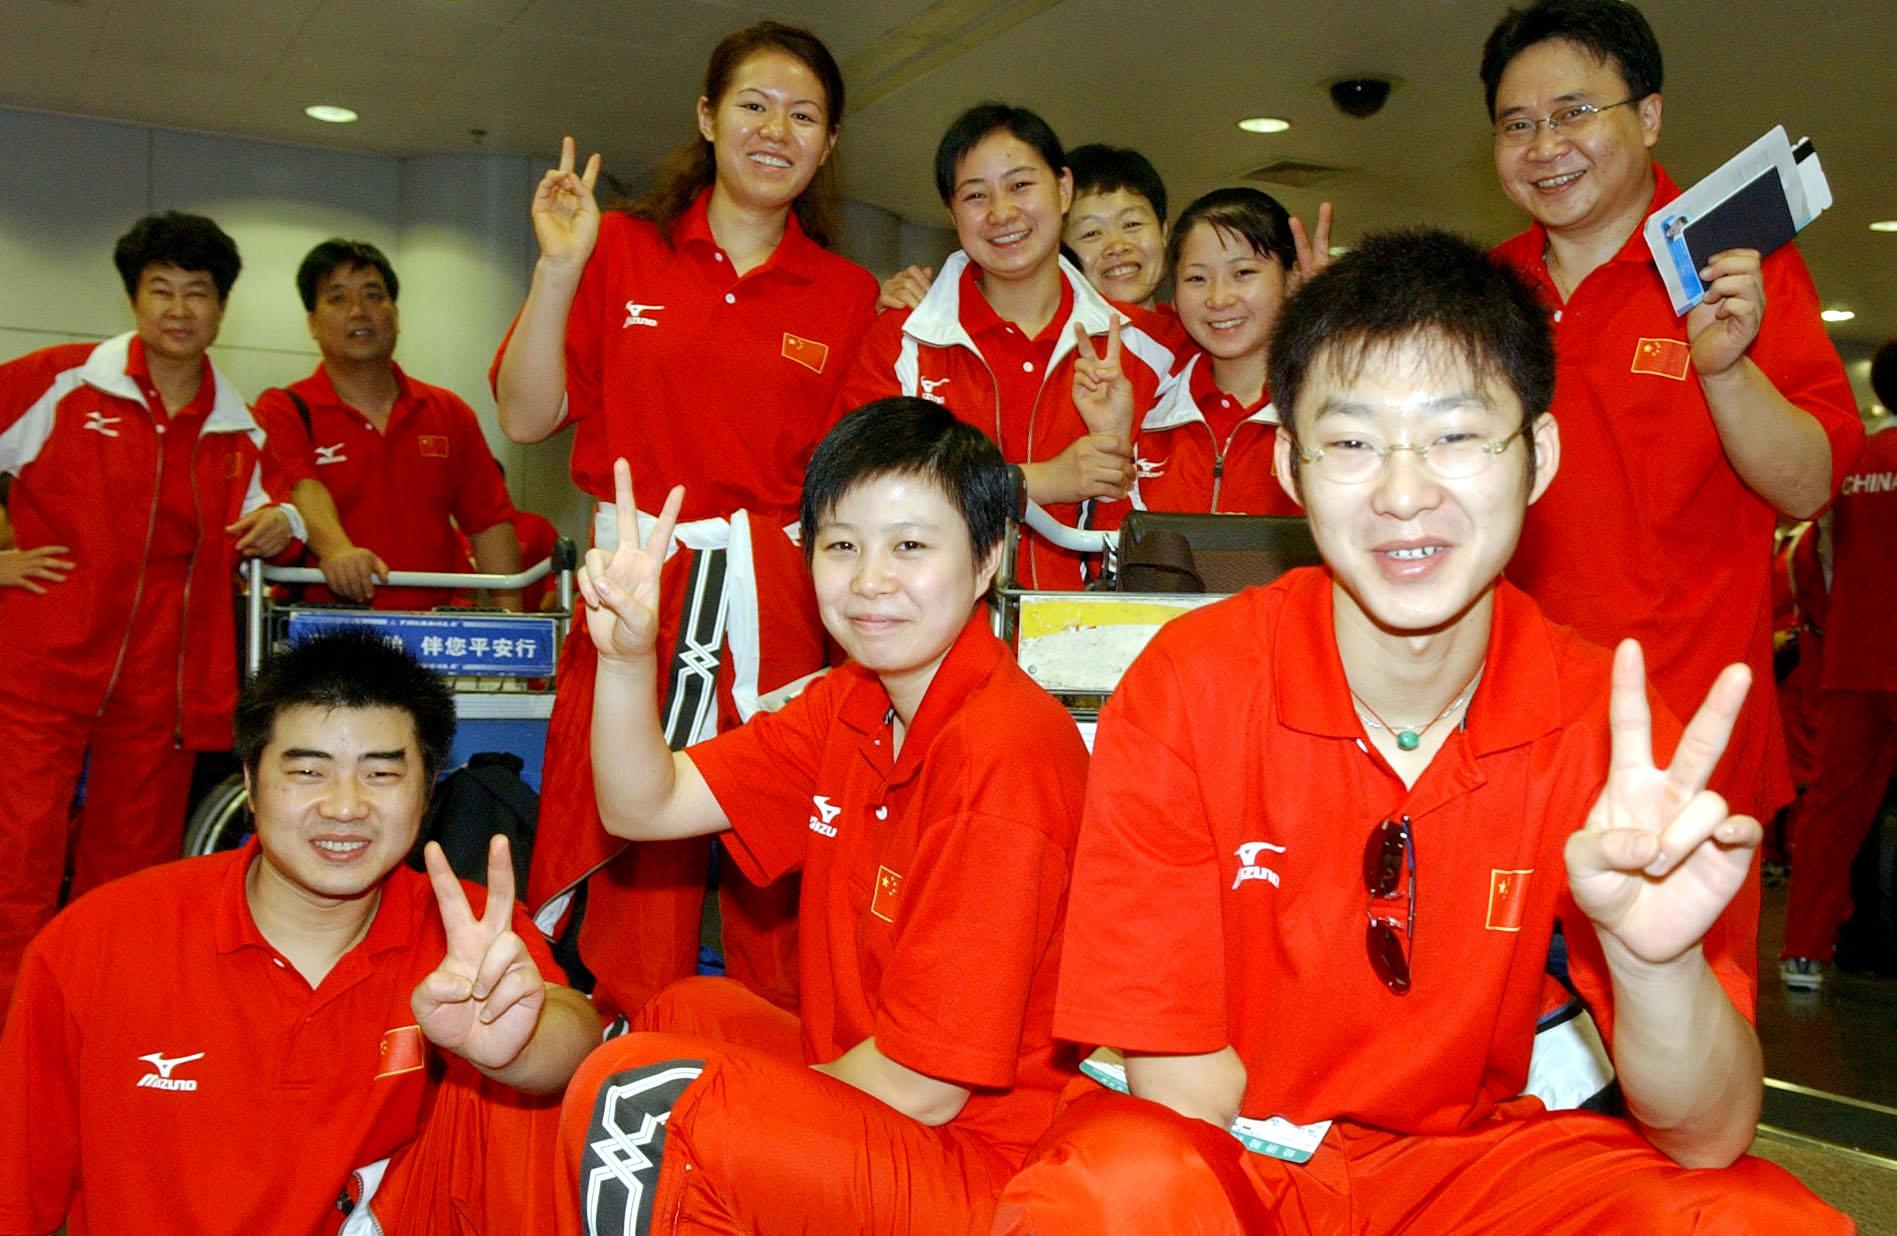 中国残疾人体育代表团出征雅典 ↑新华社记者庞兴雷摄